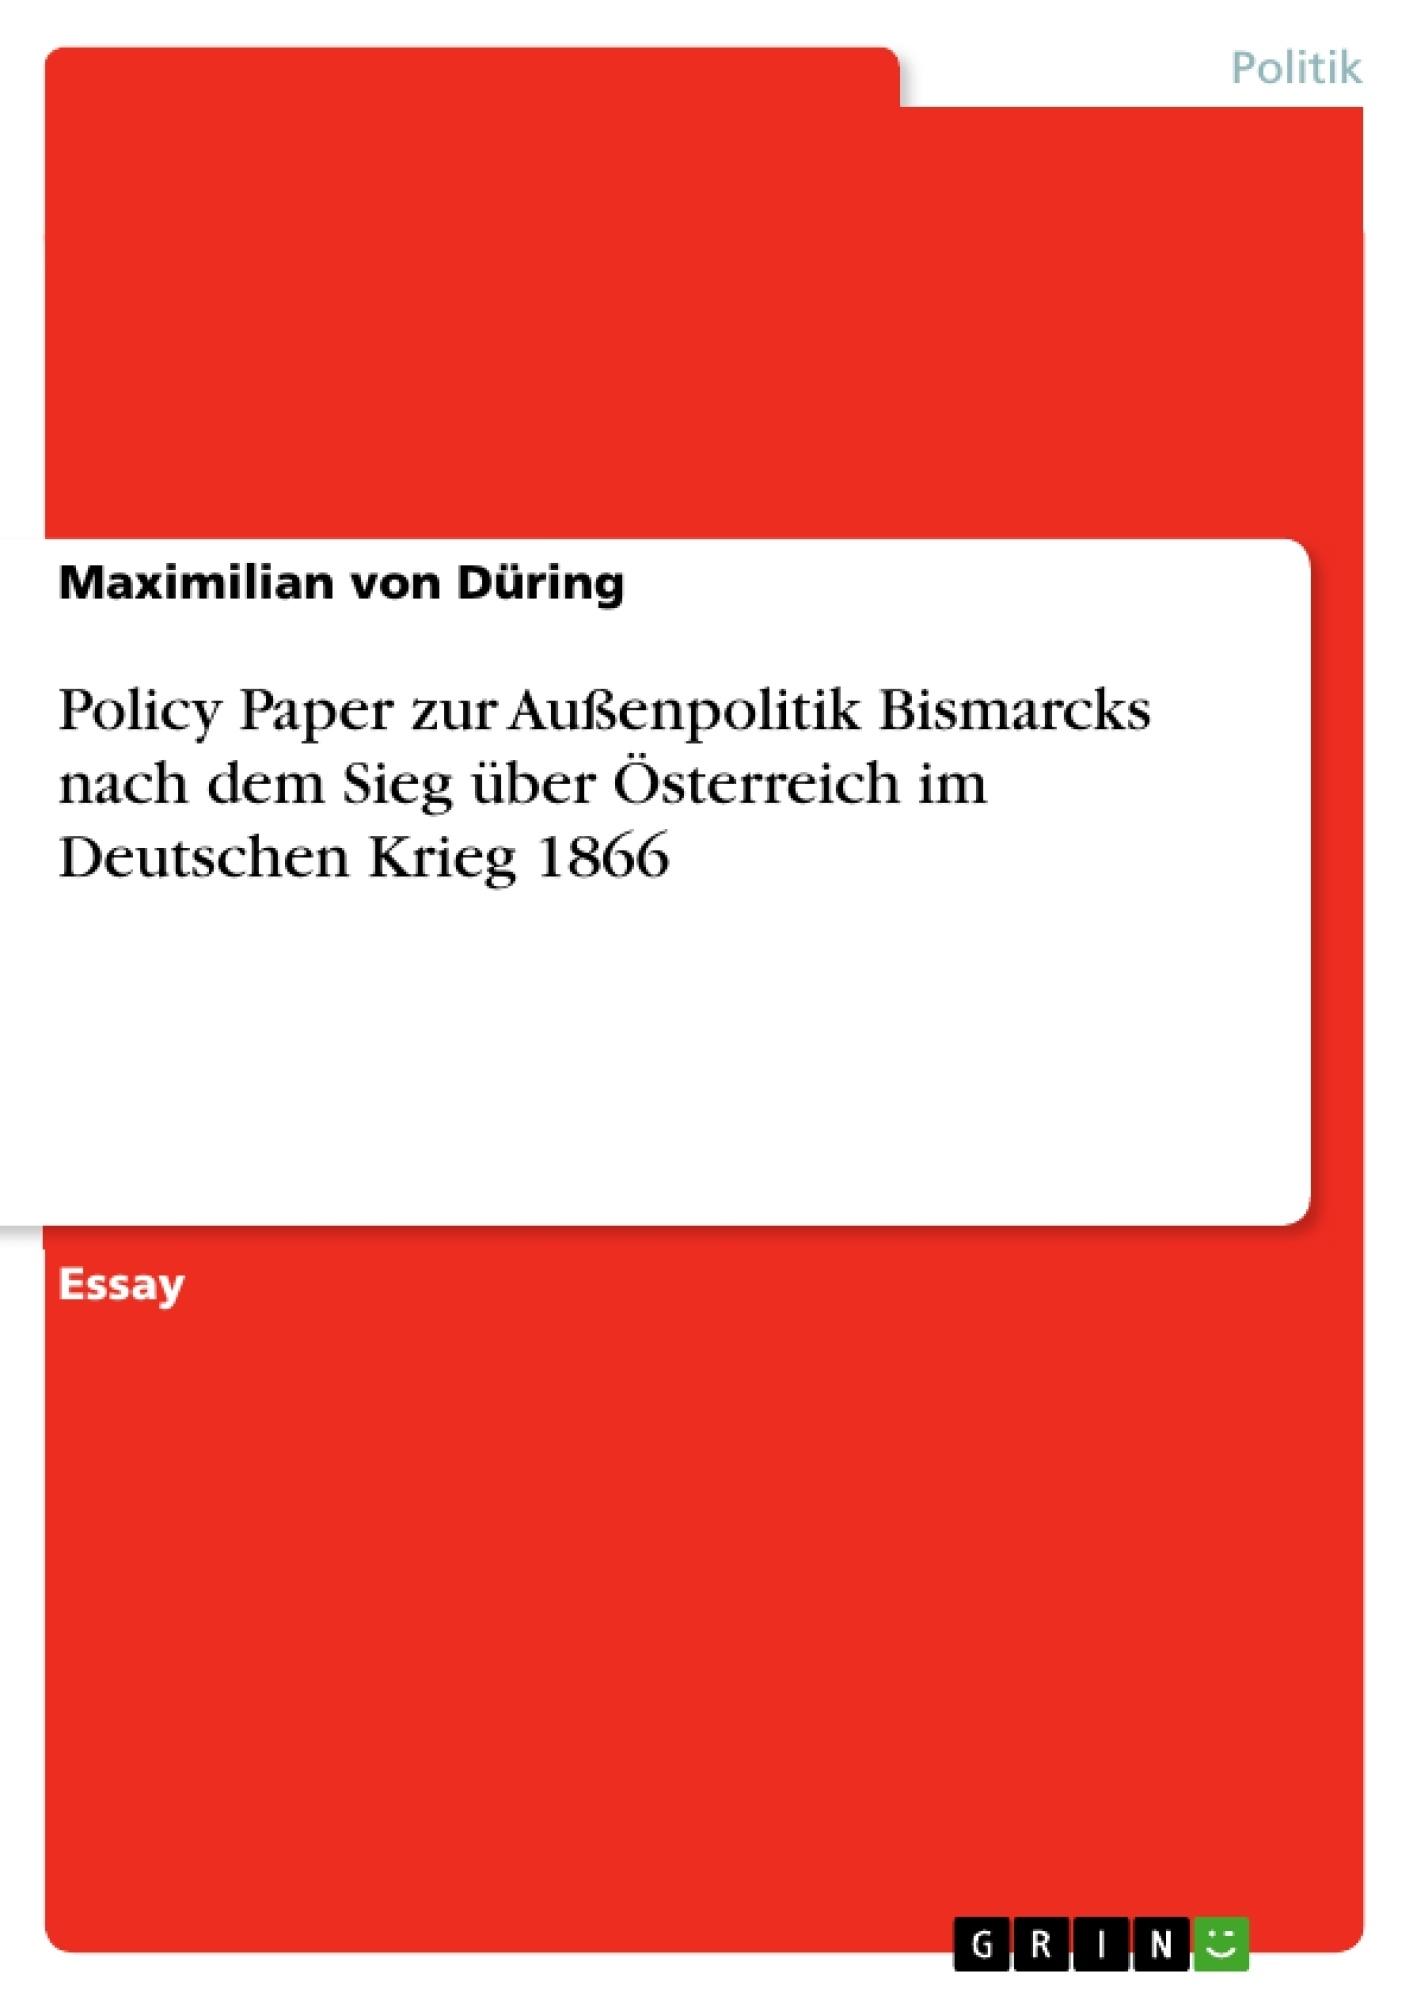 Titel: Policy Paper zur Außenpolitik Bismarcks nach dem Sieg über Österreich im Deutschen Krieg 1866